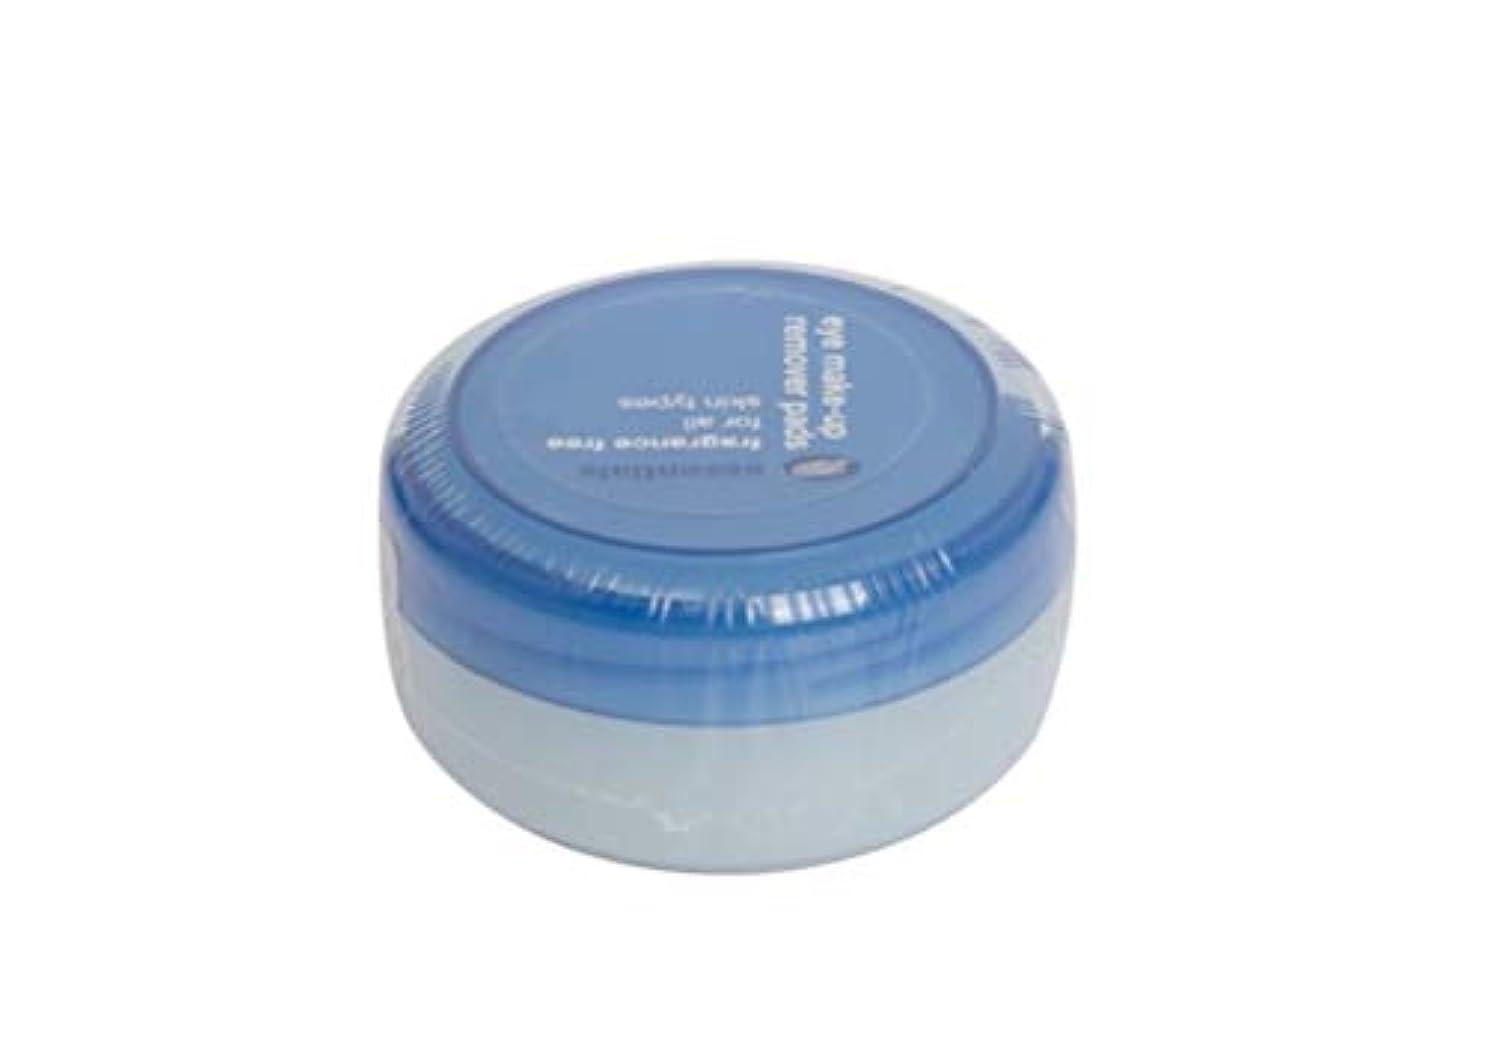 ストライドクリーナーワークショップessentials☆アイメイクリムーバーパット40枚入り(無香)eye make-up remover pads 40pcs(fragrance free)[並行輸入品]